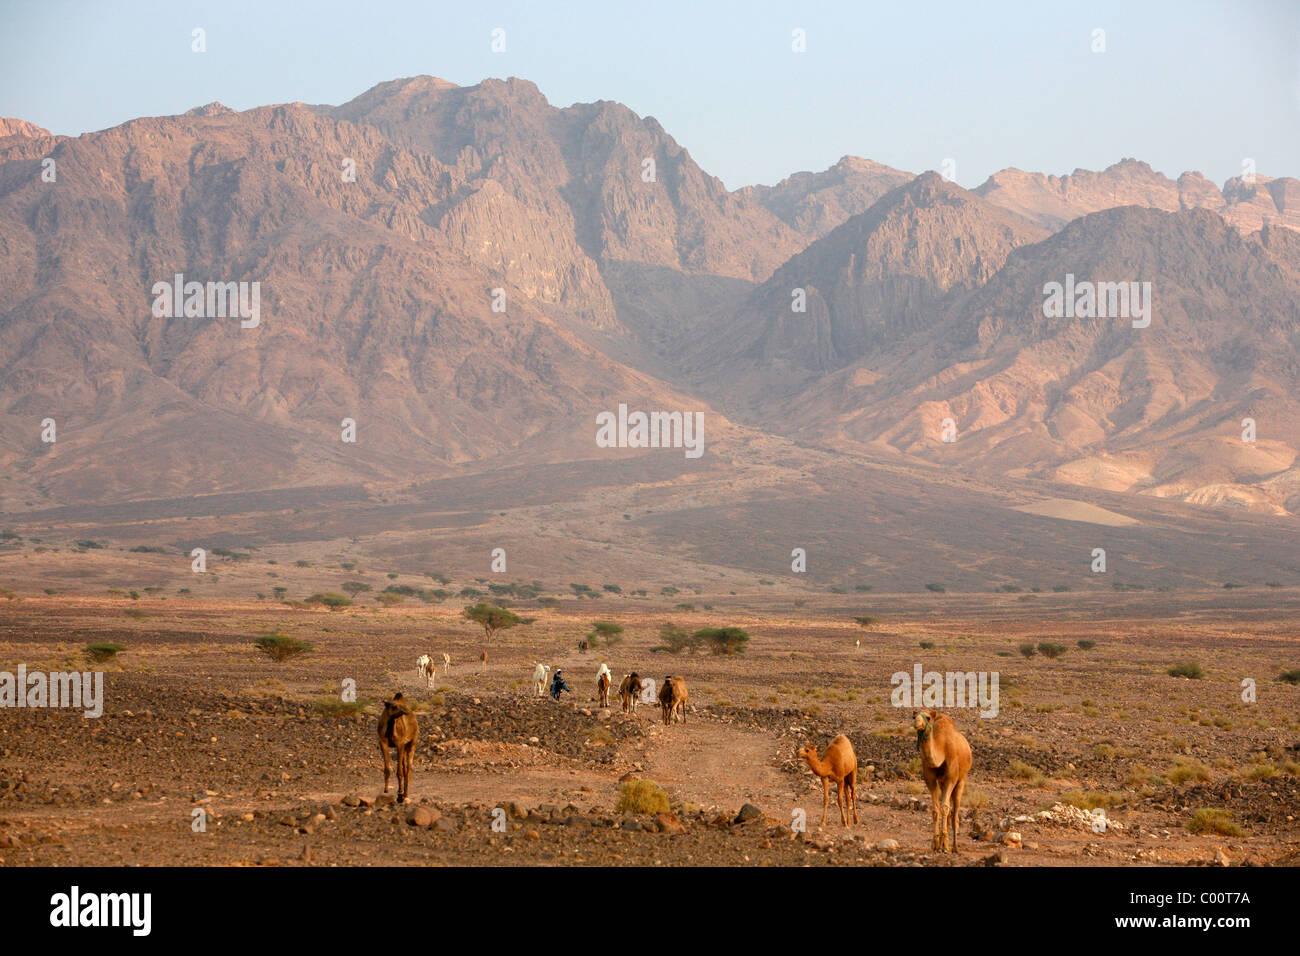 Cammelli nel Wadi Araba, Giordania. Immagini Stock